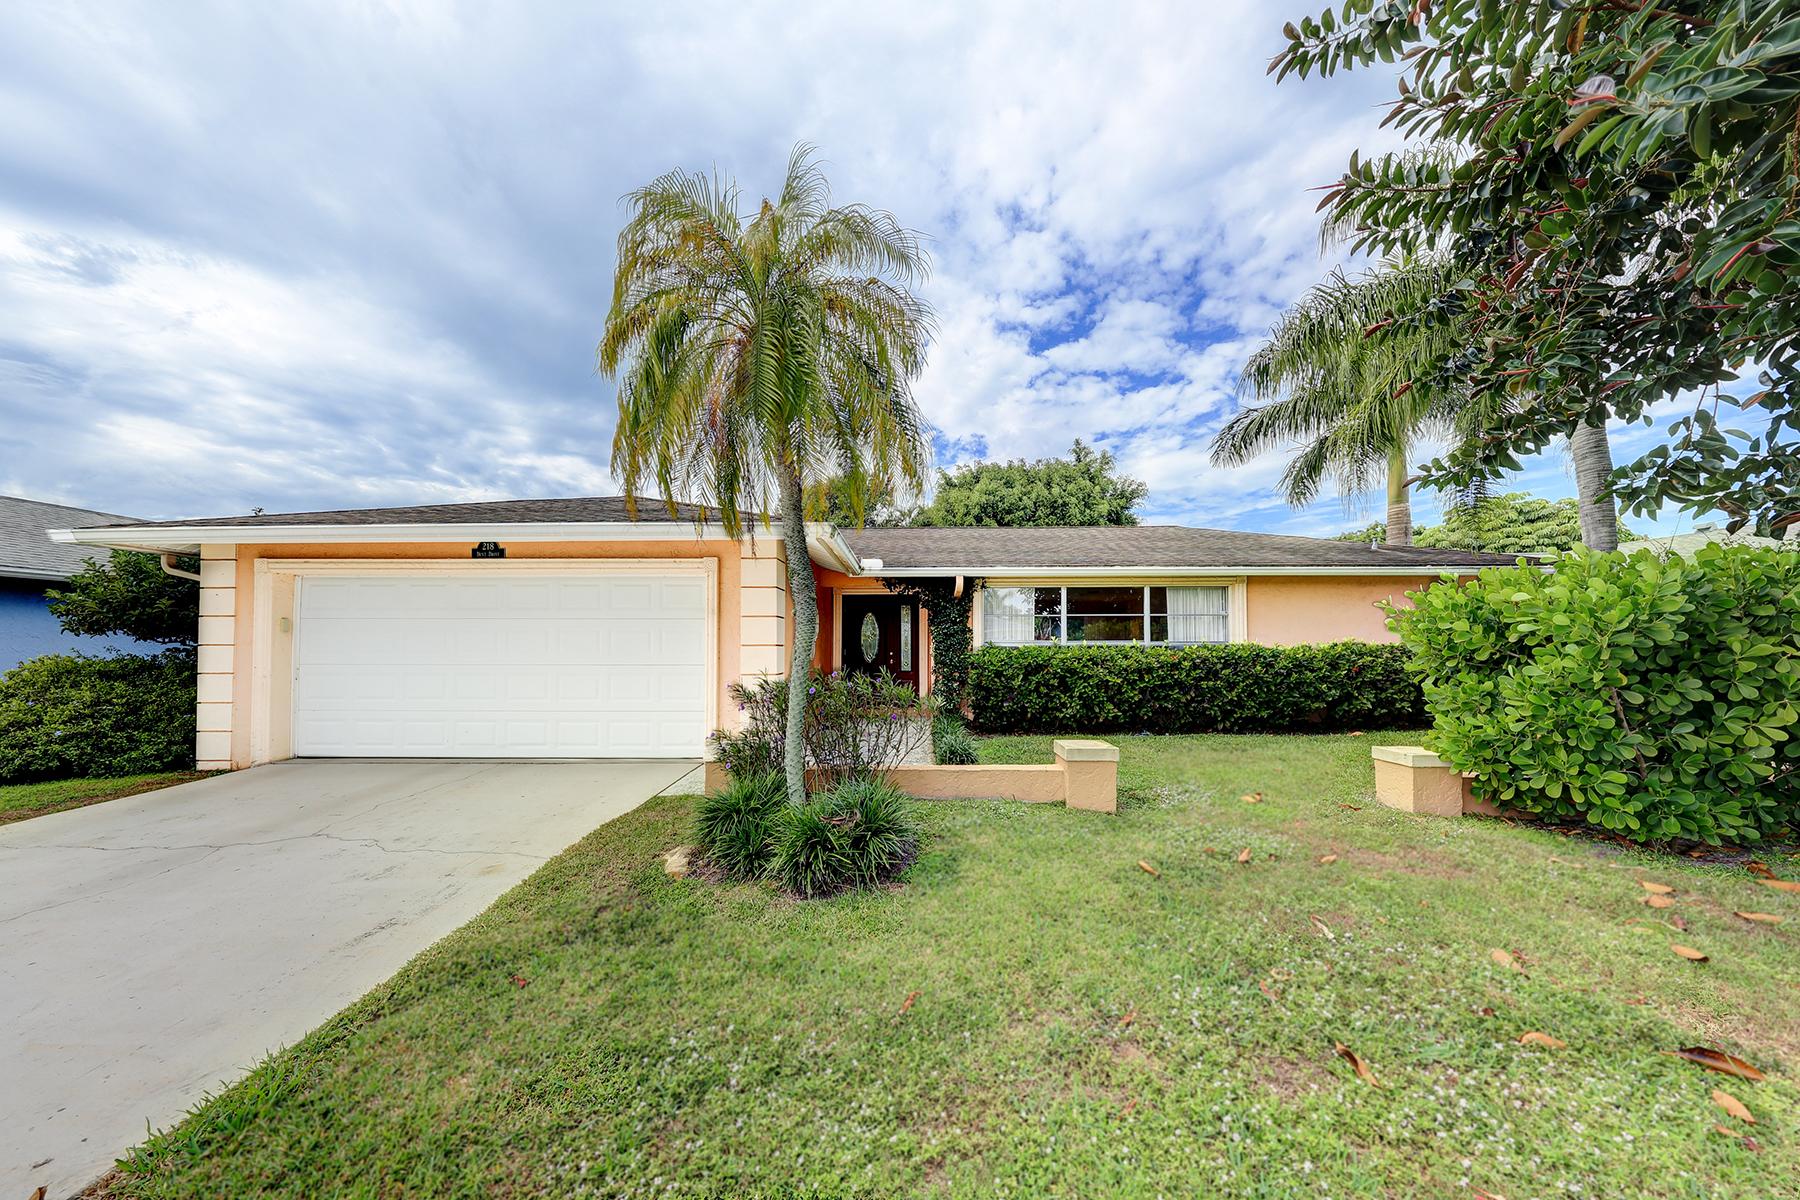 Maison unifamiliale pour l Vente à LAKEWOOD 218 Dent Dr Naples, Florida, 34112 États-Unis